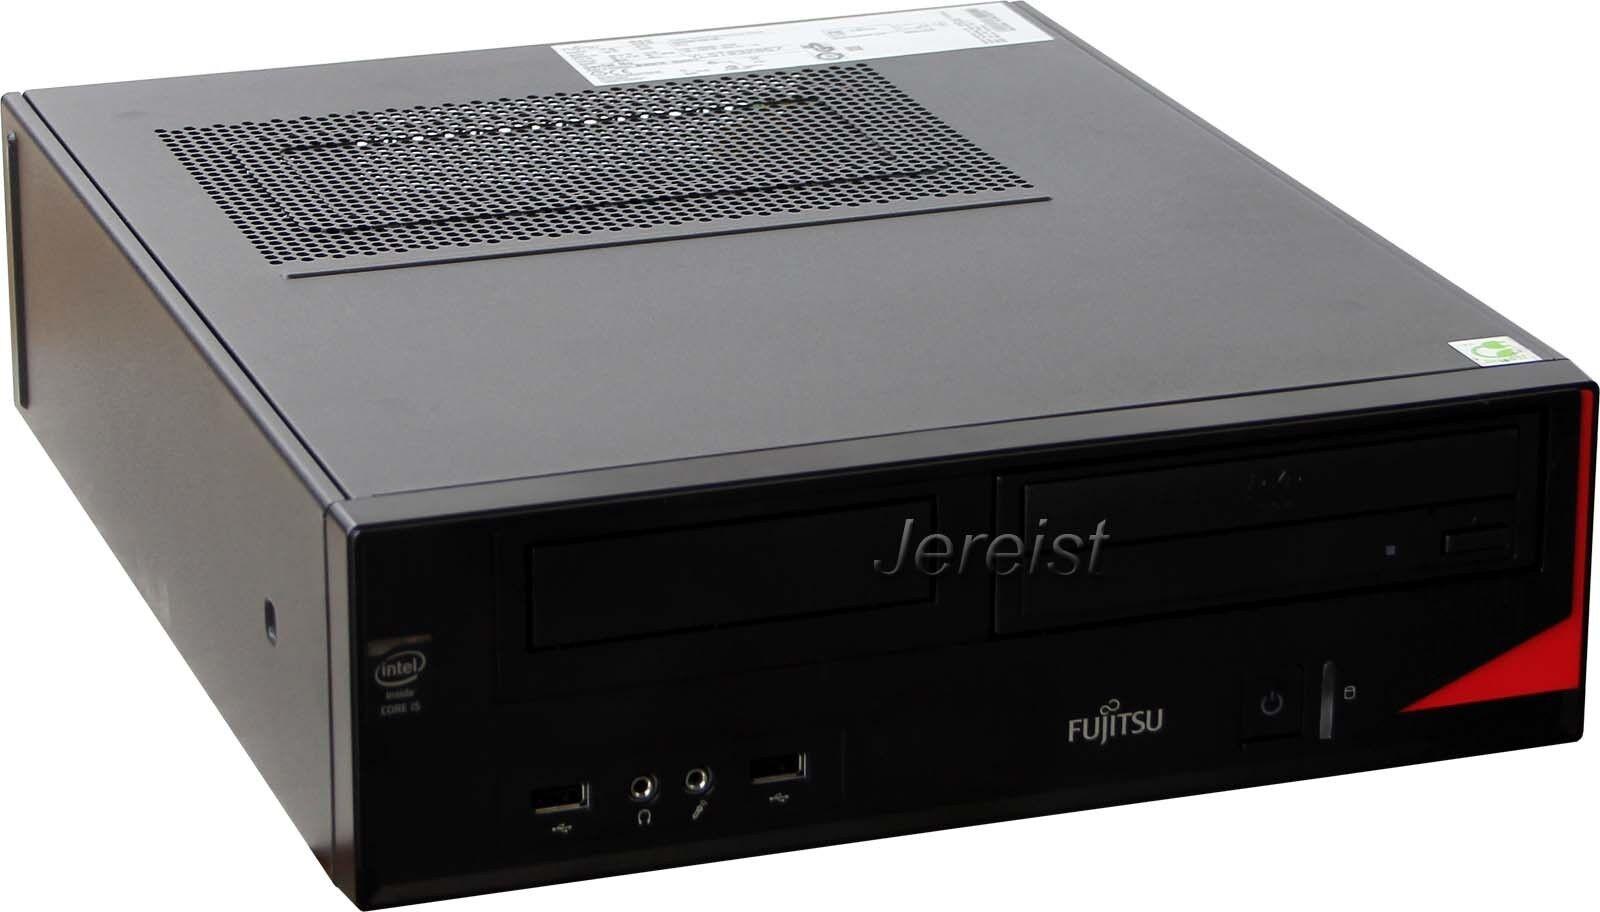 Fujitsu Siemens Esprimo E420 E85+ Intel Core i5-4440 3,1GHz USB 3.0 4GB RAM